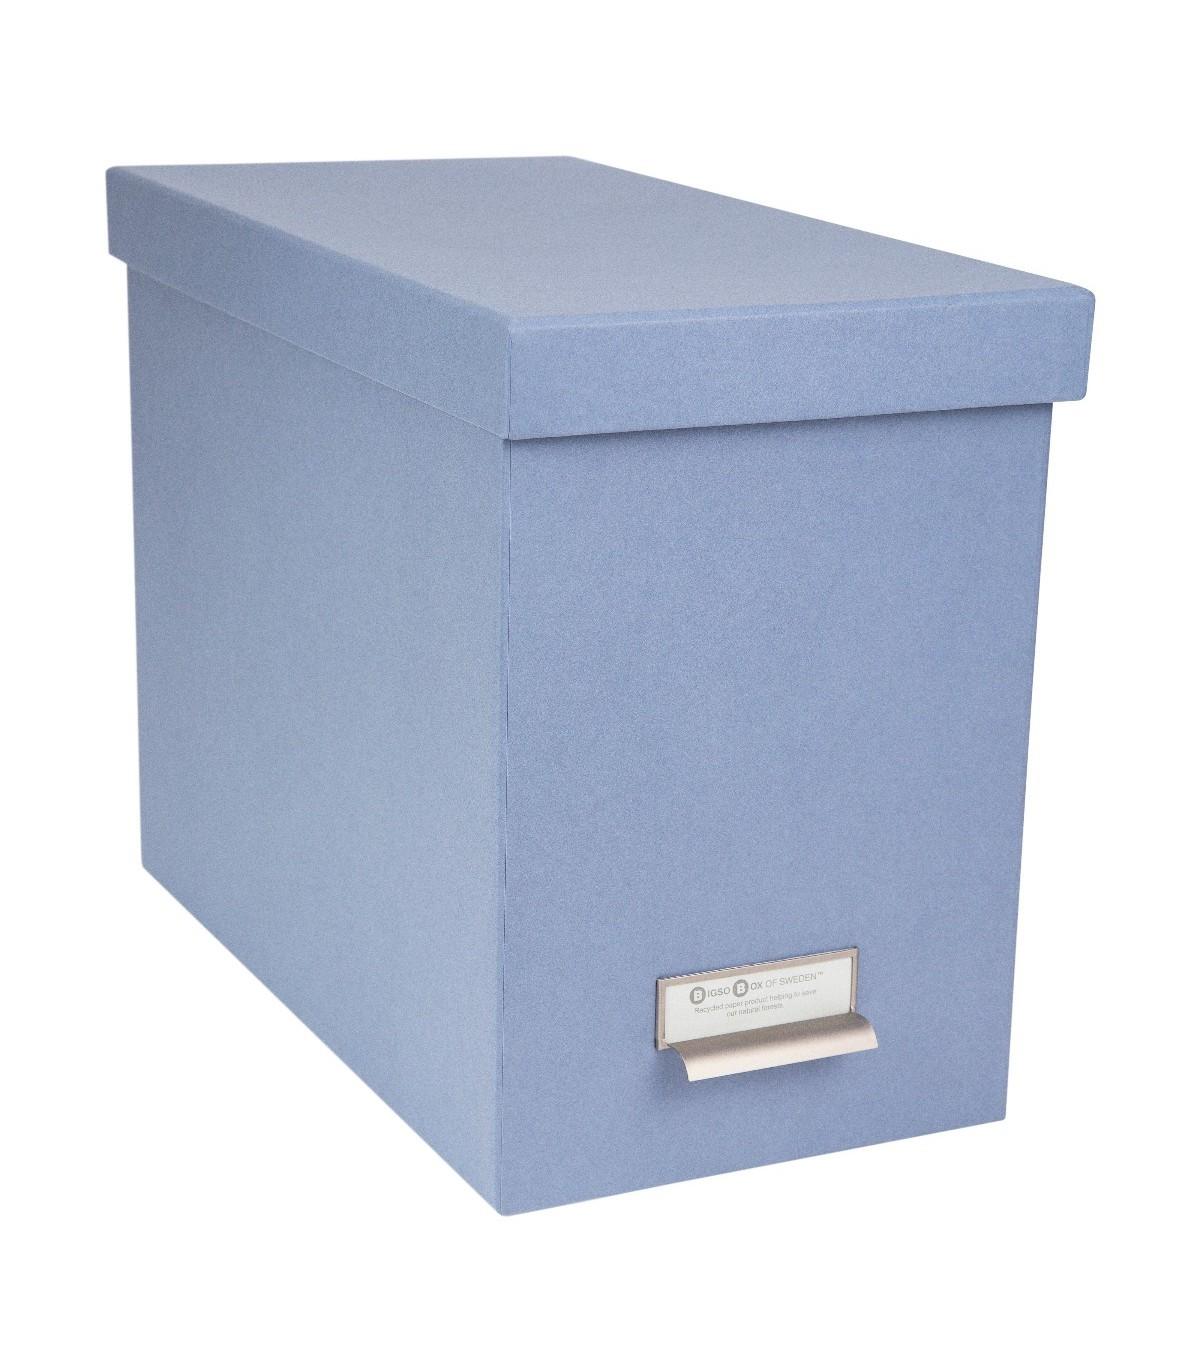 Boîte de classement pour dossiers - Bleu